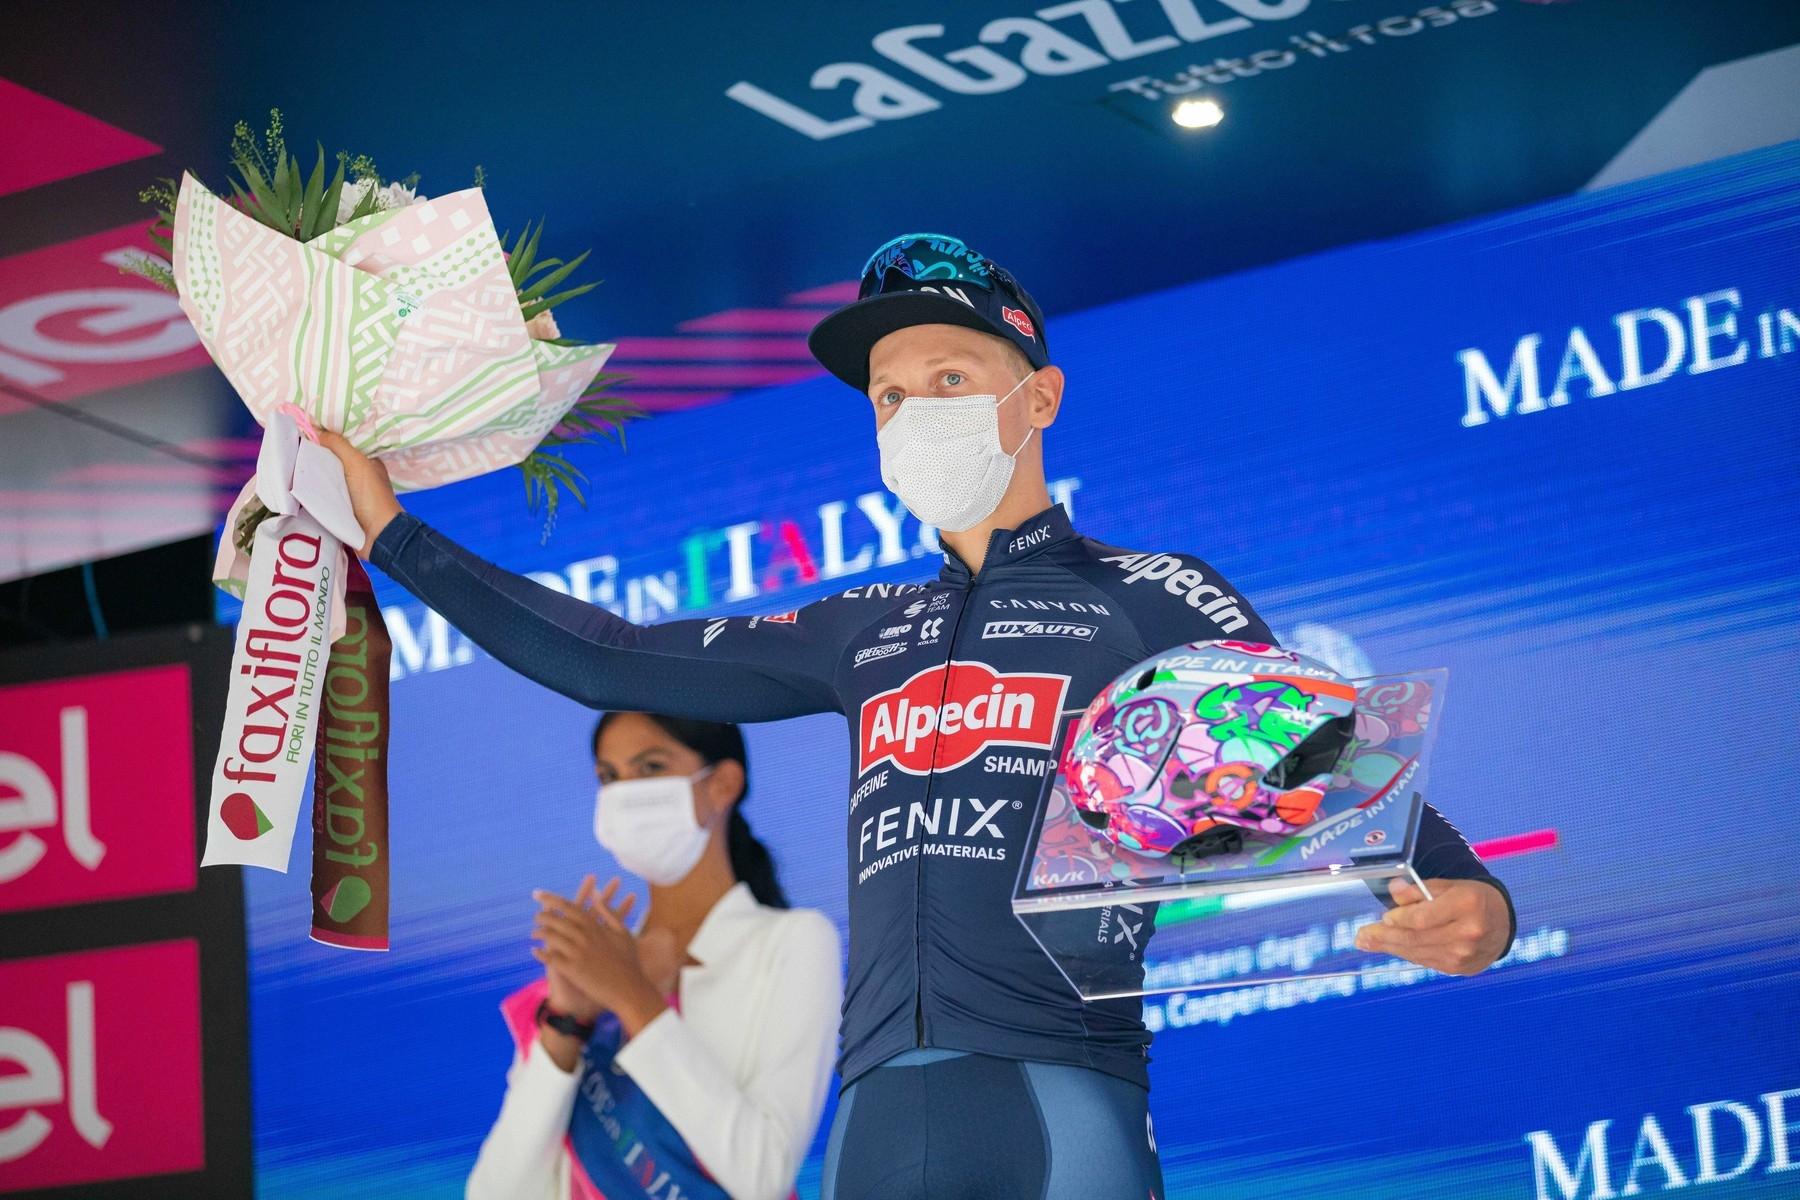 Tim Merlier dostal značku Kalas na stupně vítězů při italském Giru 2021.